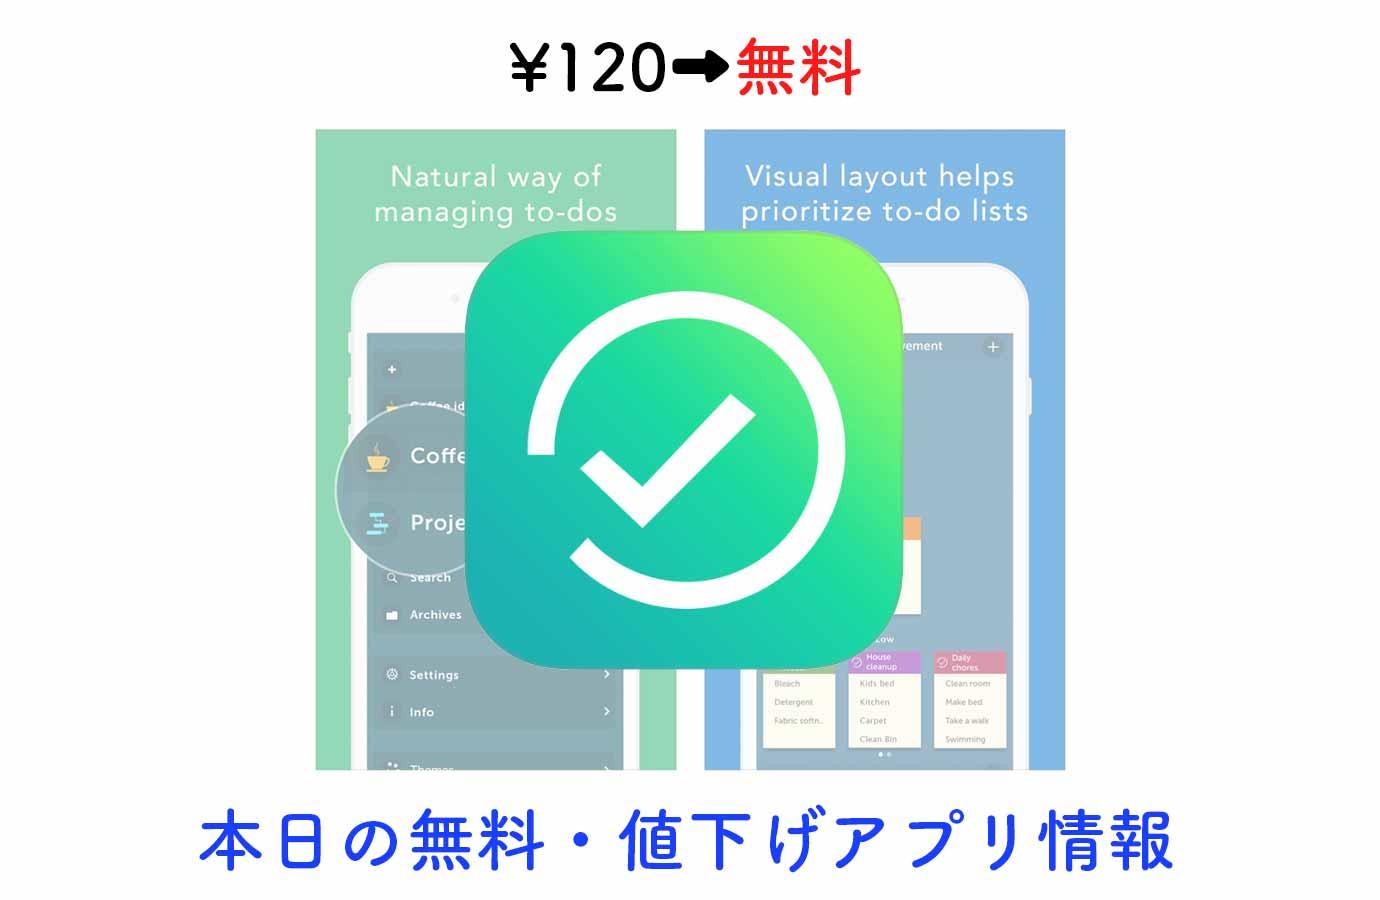 ¥120→無料、付箋のようなデザインで見やすく使いやすいTodoリスト「Orderly」など【8/15】本日の無料・値下げアプリ情報